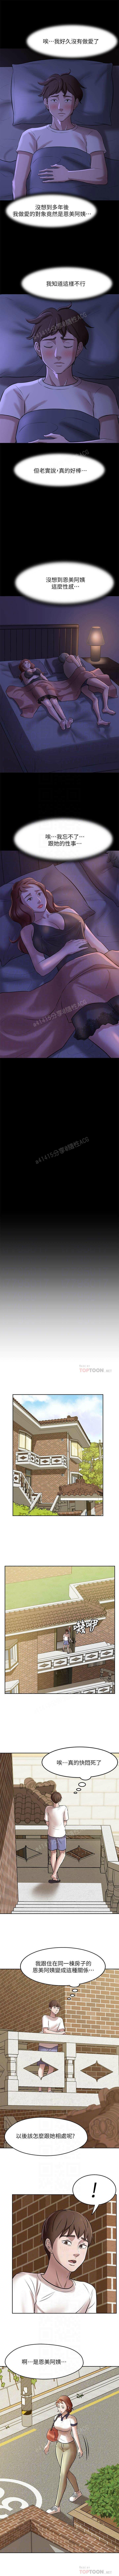 panty note 小褲褲筆記 小裤裤笔记 01-35 连载中 中文 重新排序 Reorder 60